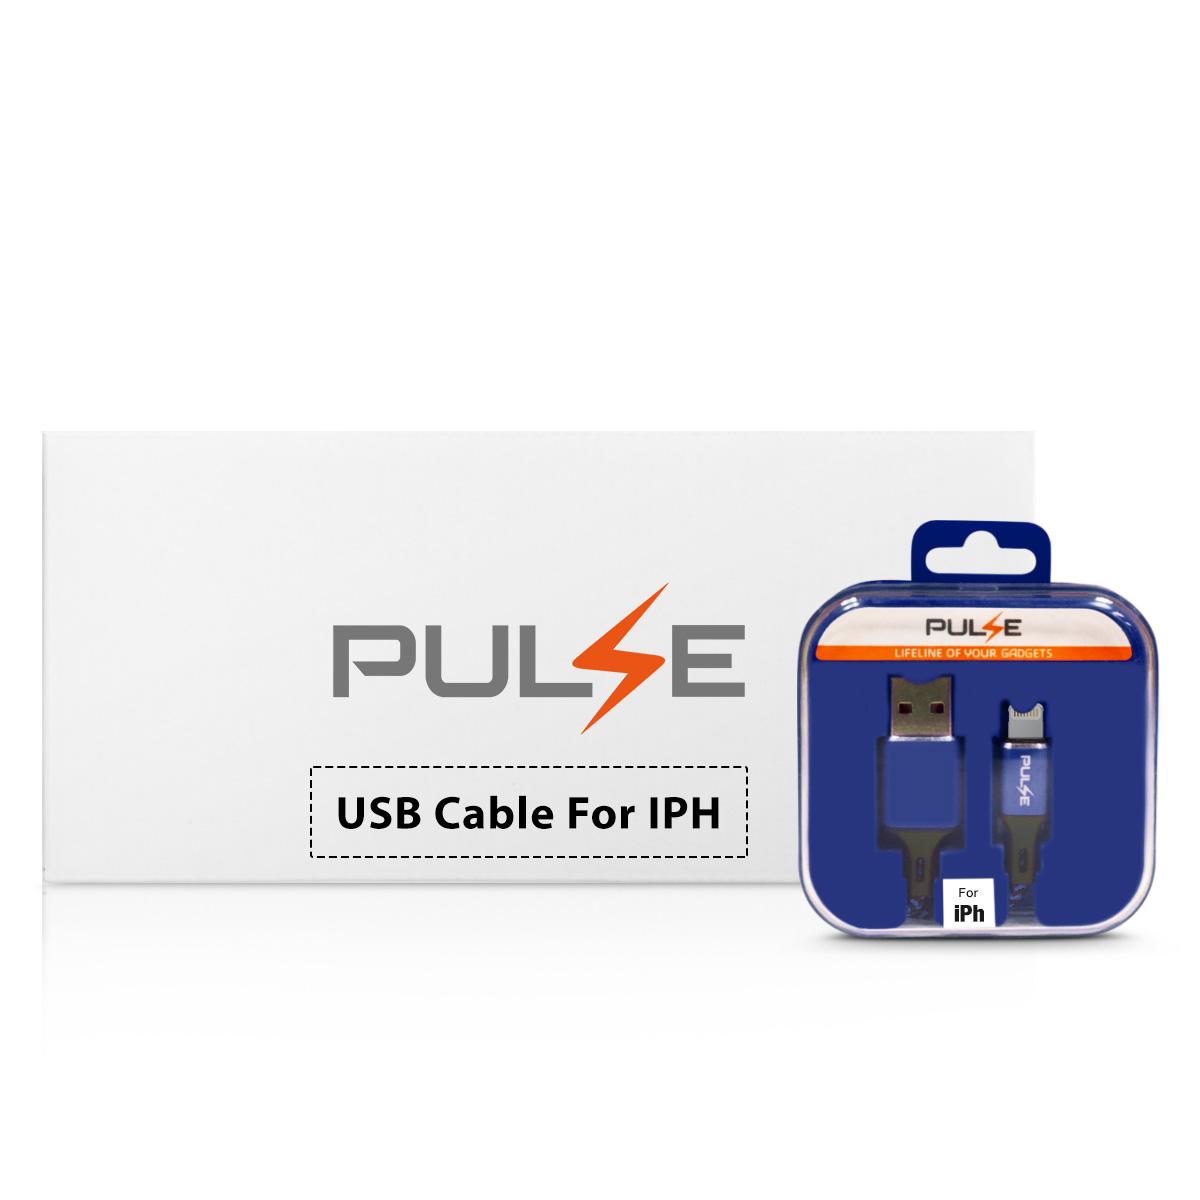 10PC-4F-NL-USB-IP-BL